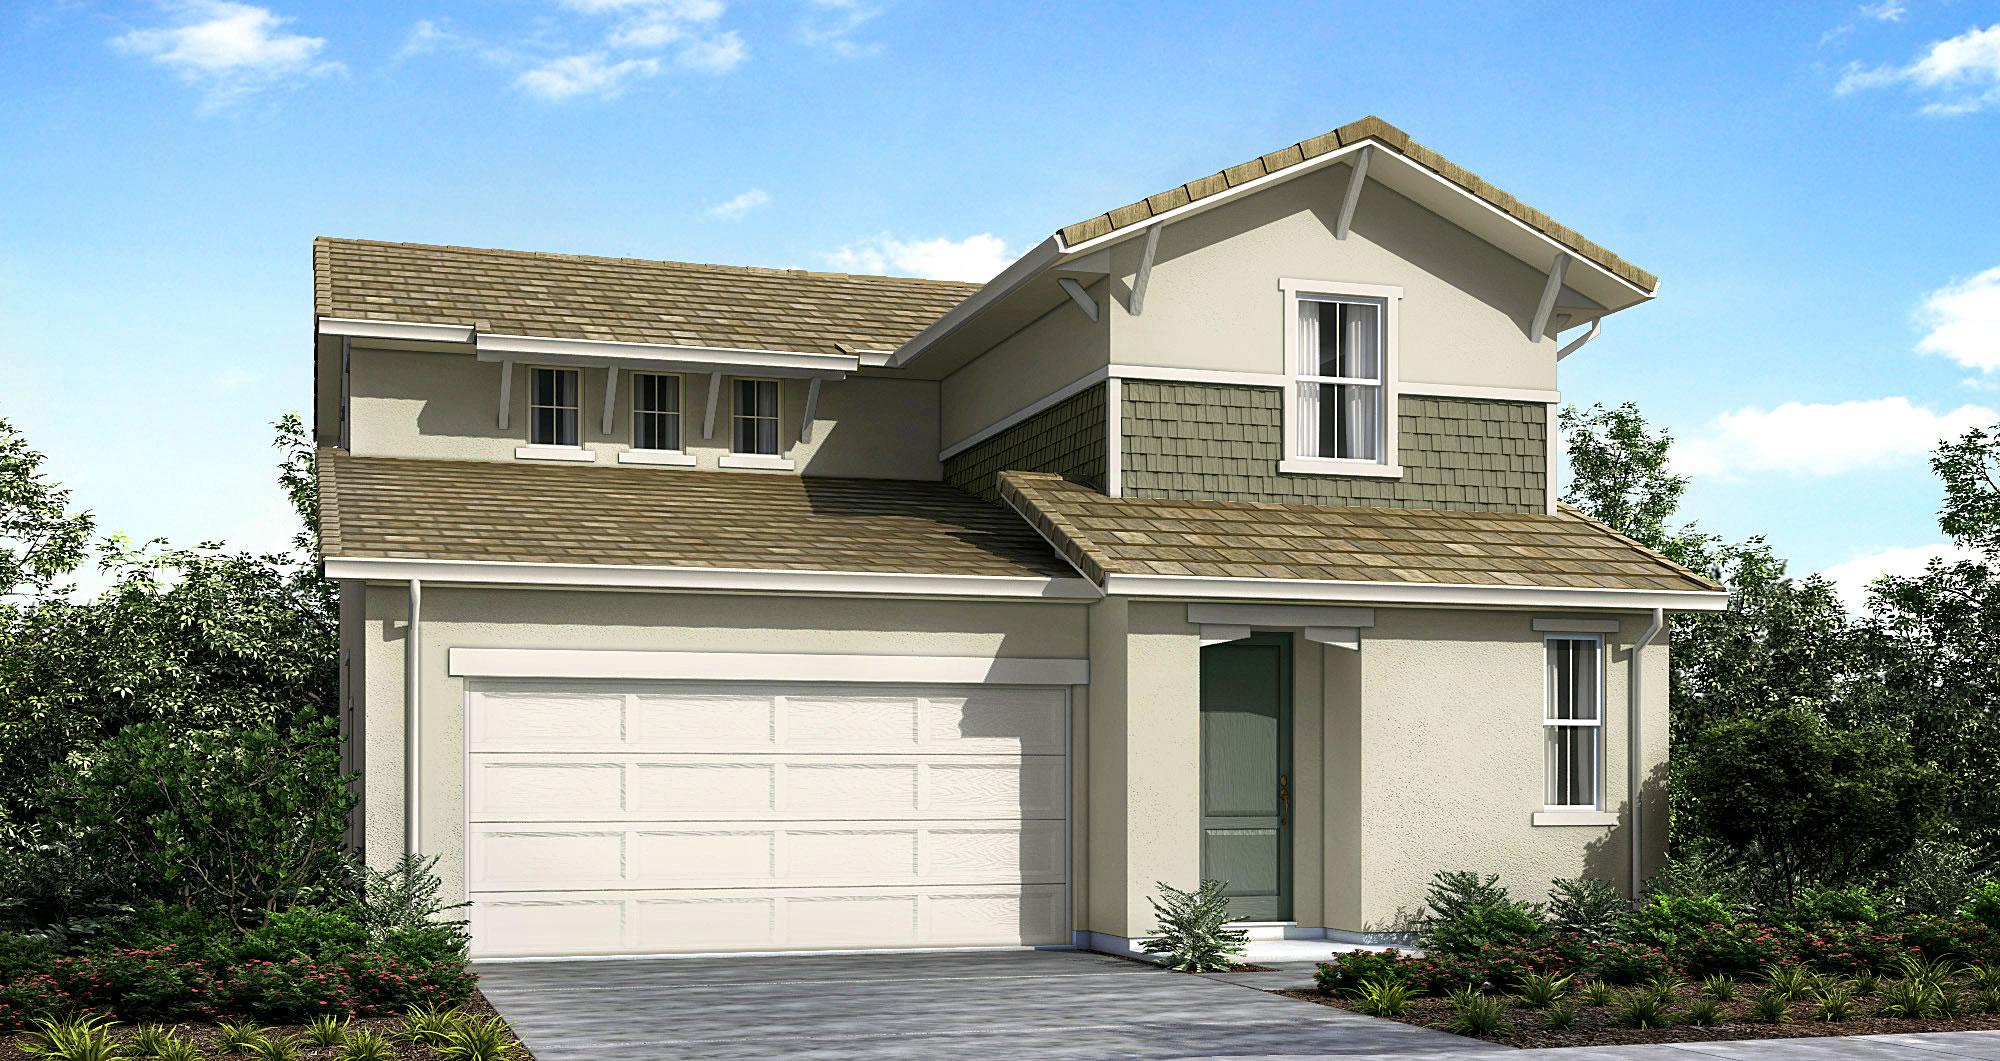 Plan 2 Model 3 bedroom 2 5 bath new home in Elk Grove CA